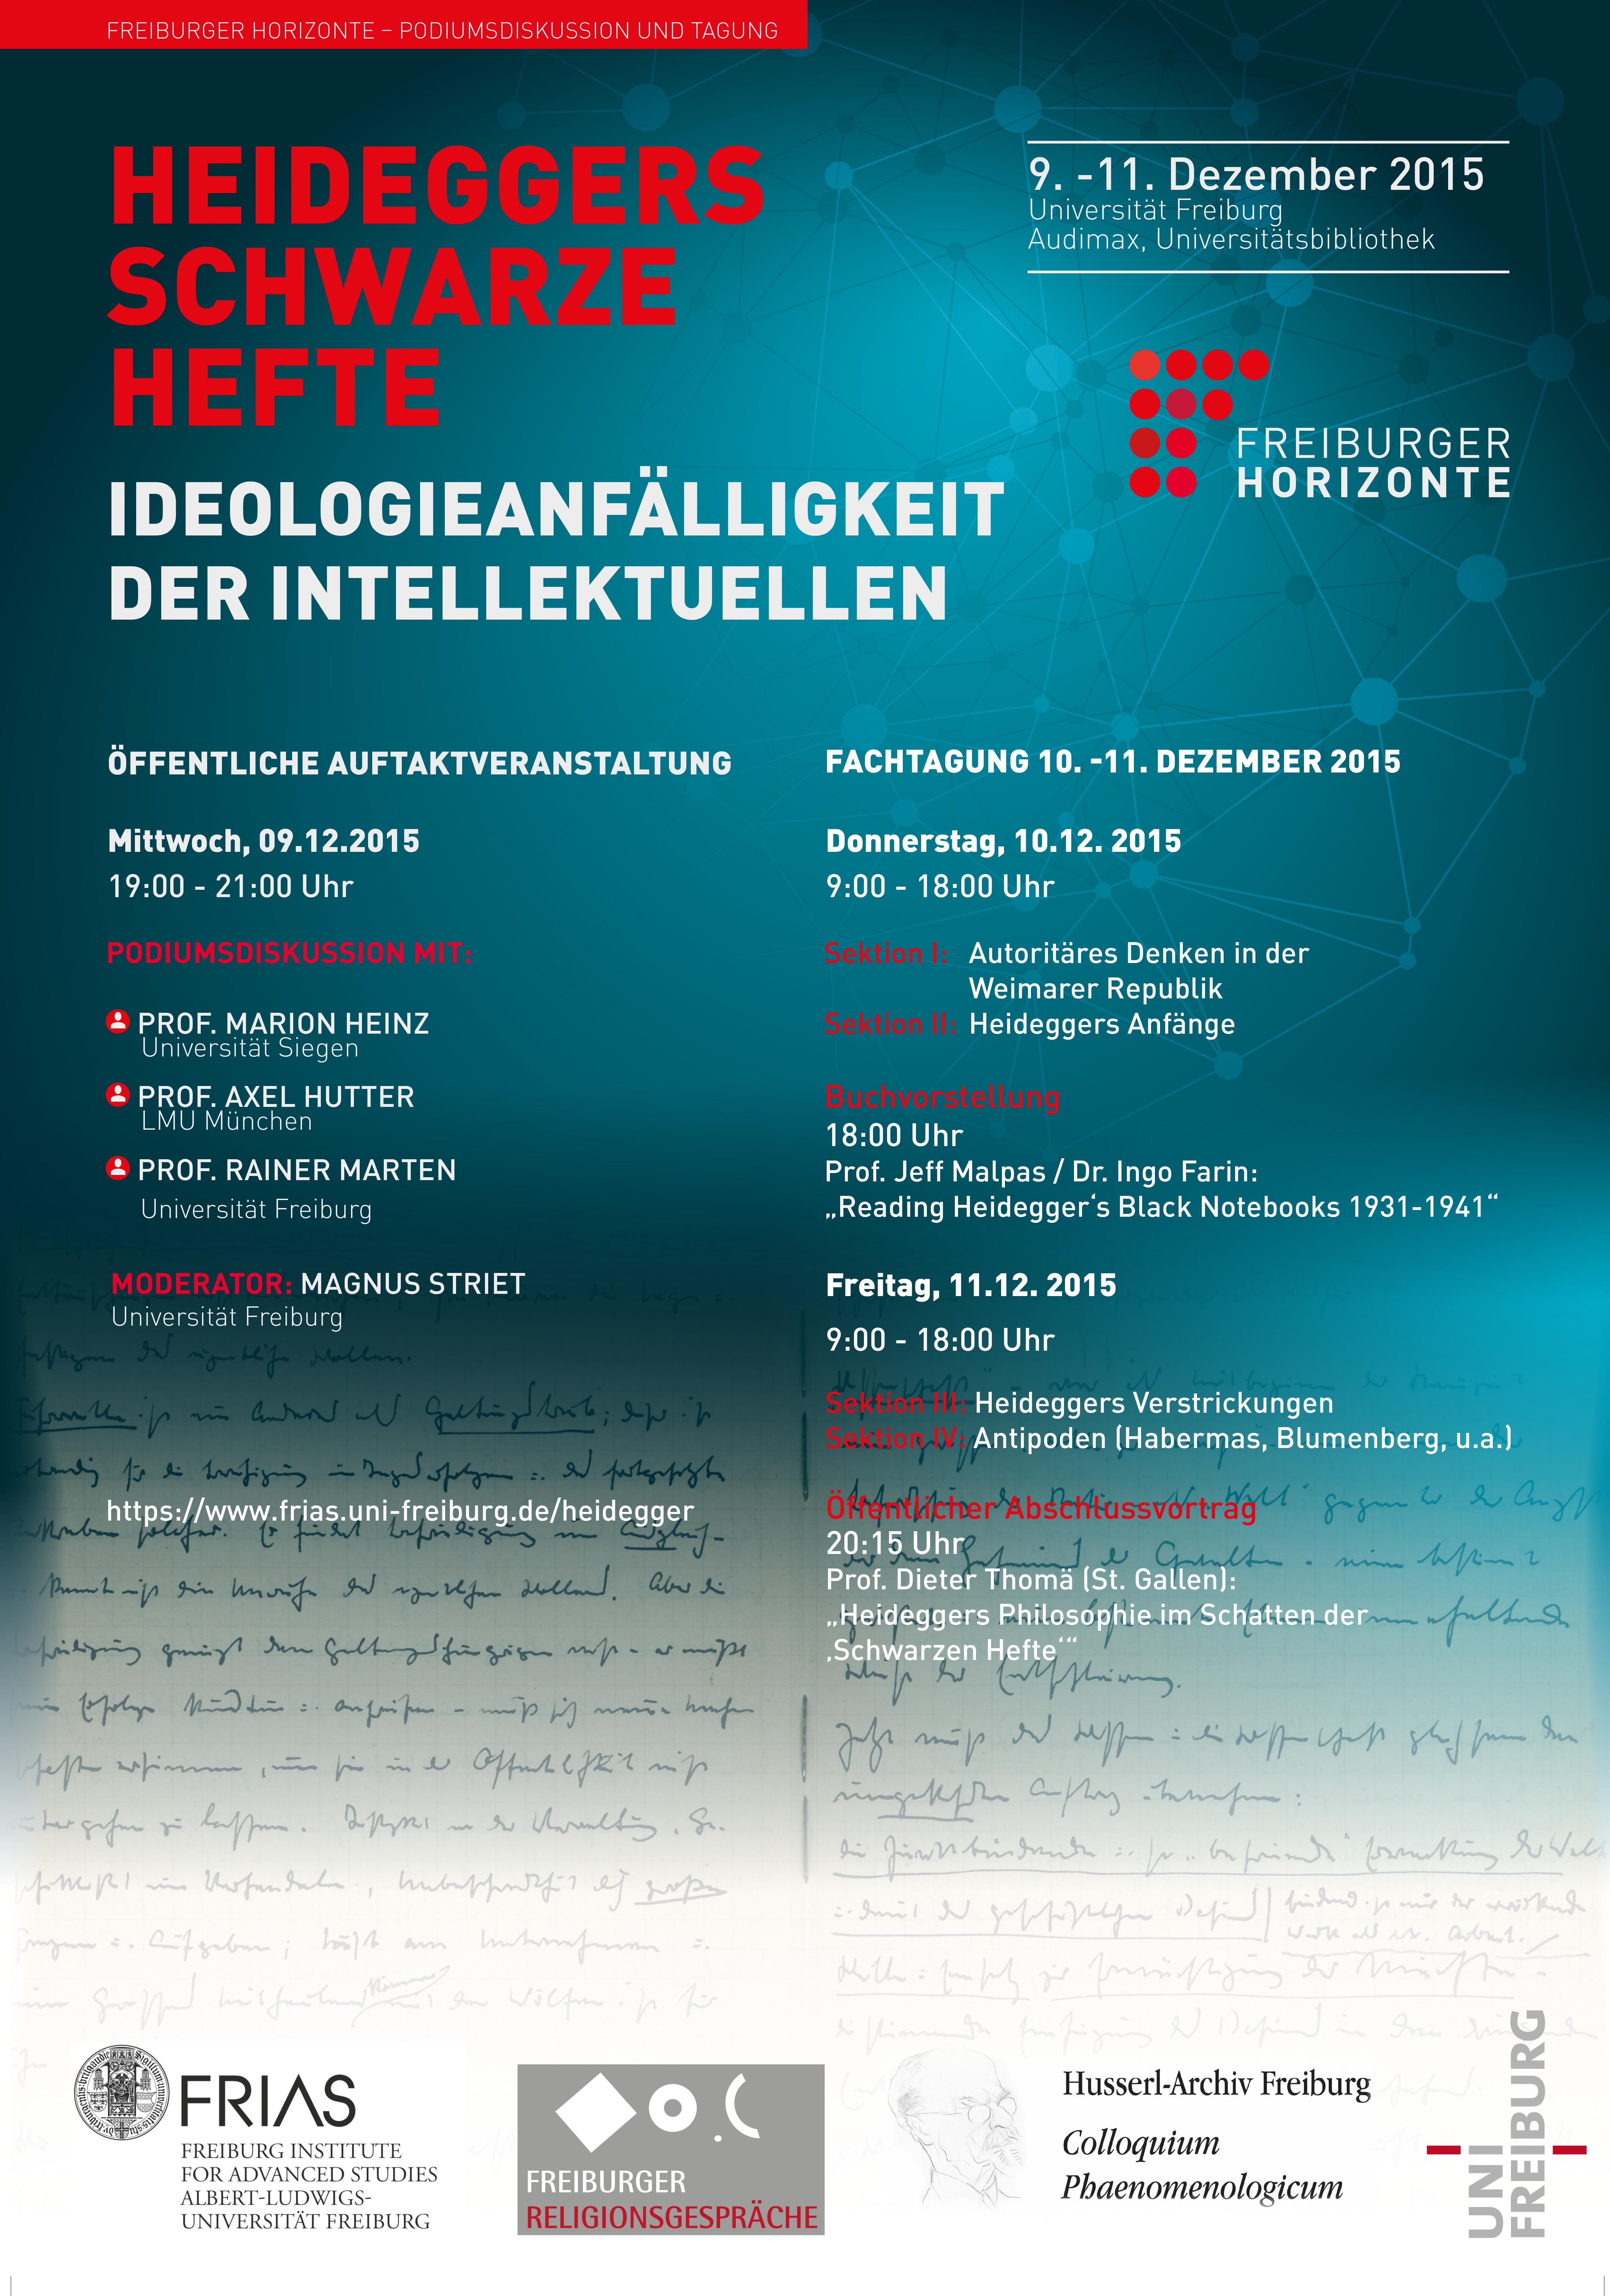 """Heideggers """"Schwarze Hefte"""" - Ideoologieanfälligkeit der Intellektuellen"""